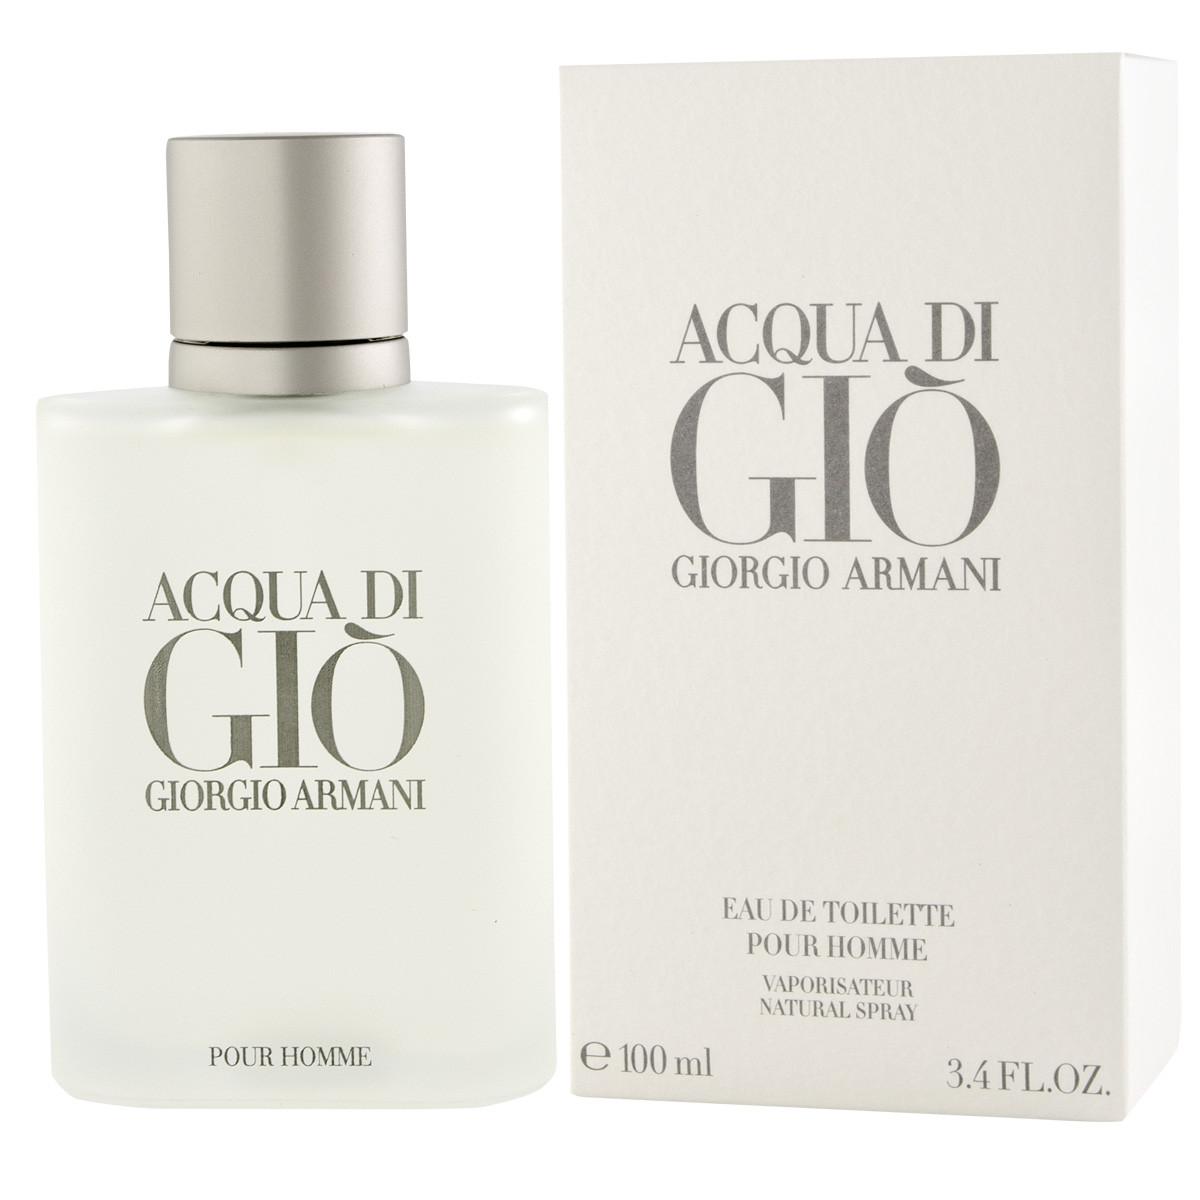 Armani Giorgio Acqua Di Gio Pour Homme Eau De Toilette 100 Ml Man